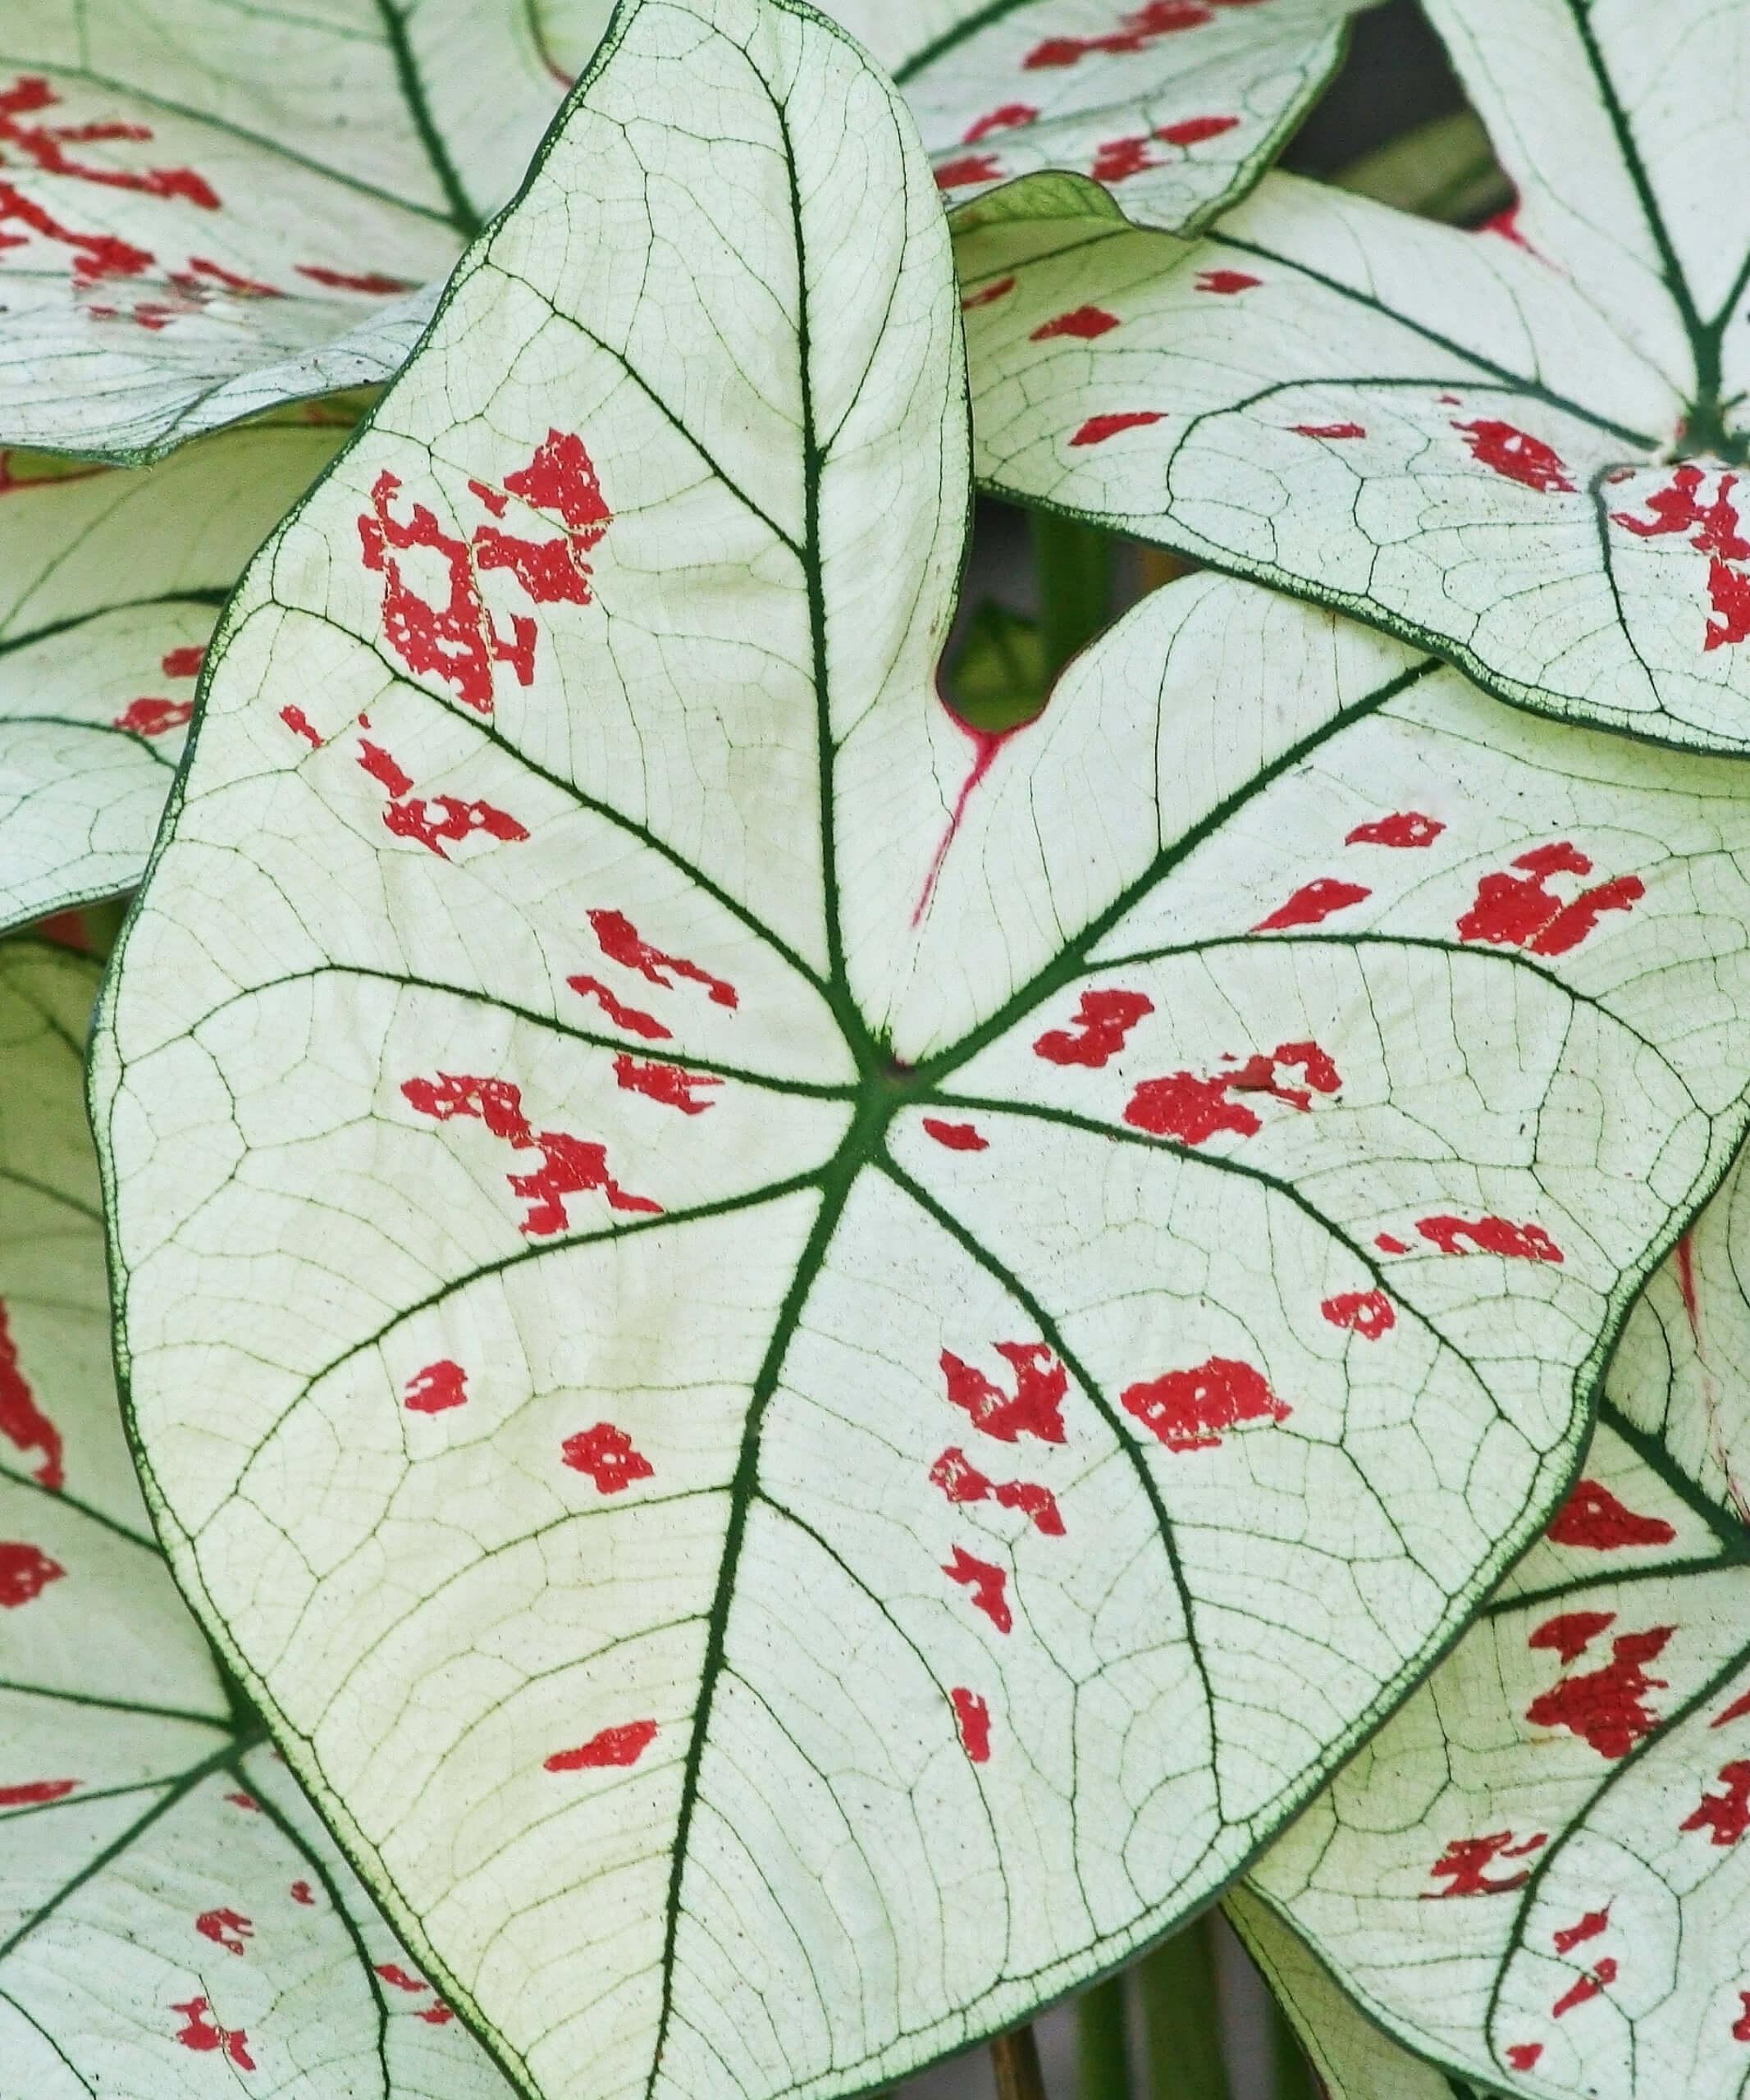 Detail of Caladium plant